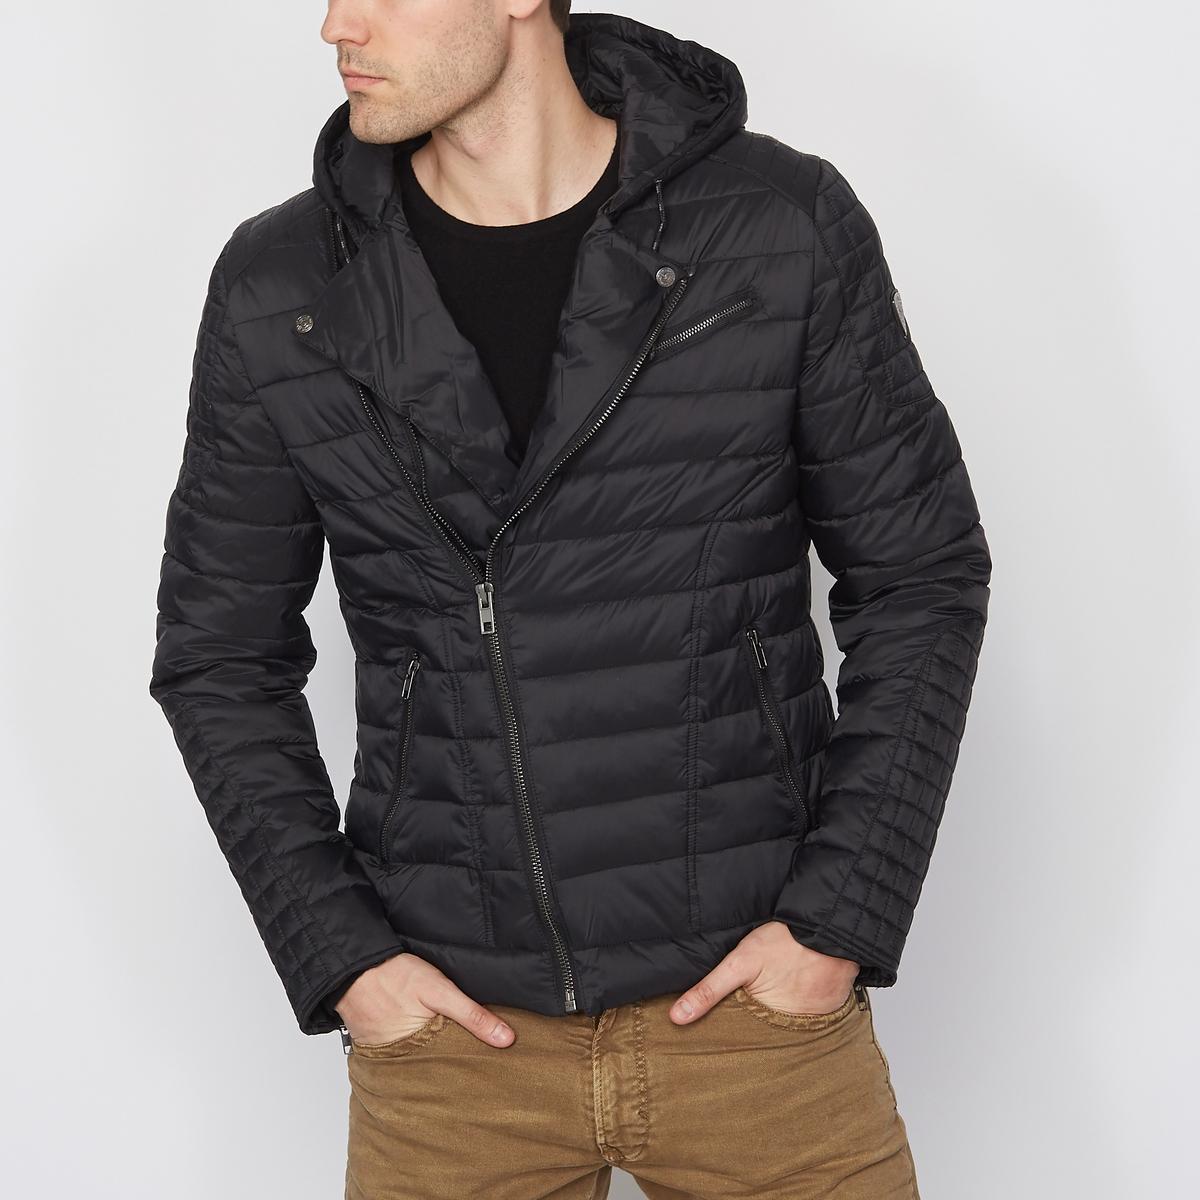 Куртка стёганая с капюшономСтеганая куртка с капюшоном KAPORAL. Застежка на молнию спереди Perfecto. 2 кармана с застёжкой на молнию. Прямой низ рукавов. Капюшон на кулиске. Состав и описаниеМатериал : 100% полиамидаМарка : KAPORAL<br><br>Цвет: черный<br>Размер: L